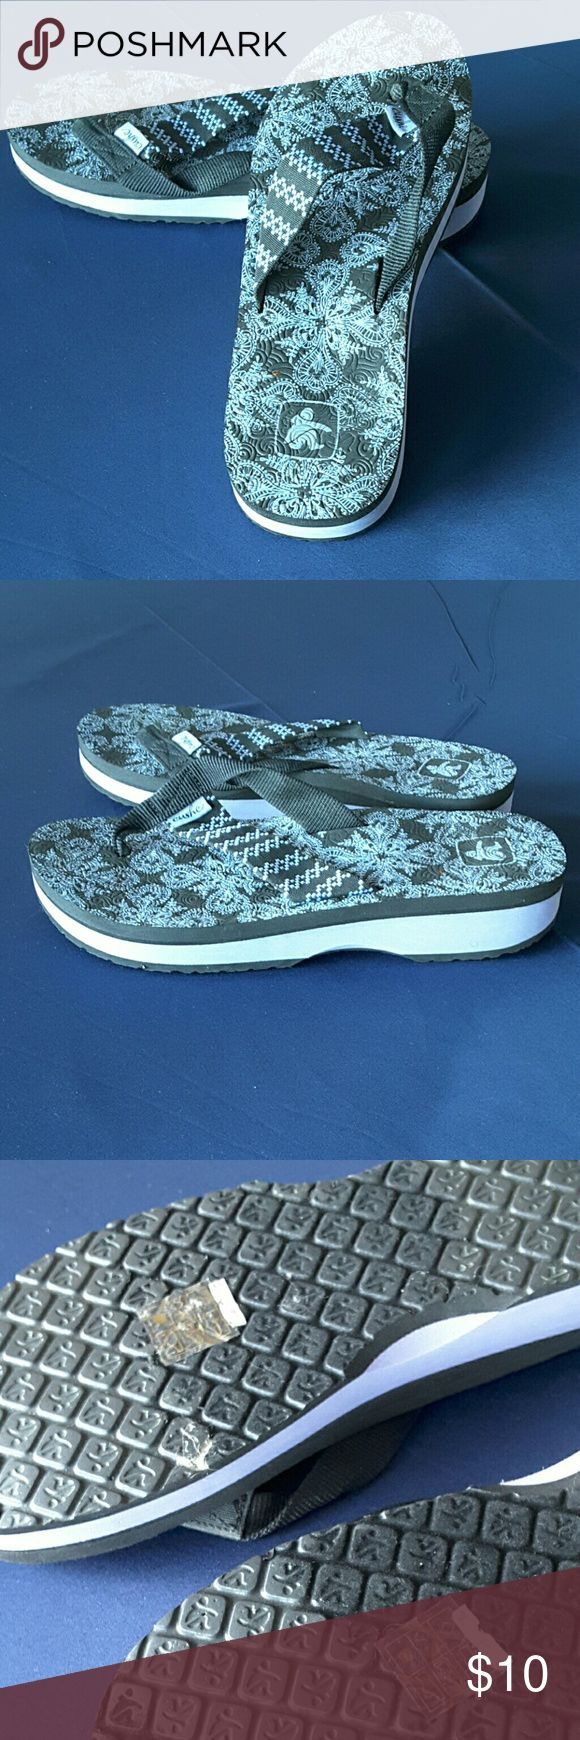 Lavender sandals shoes - Cushe Flip Flops Black Lavender Like New Condition Cushe Shoes Sandals